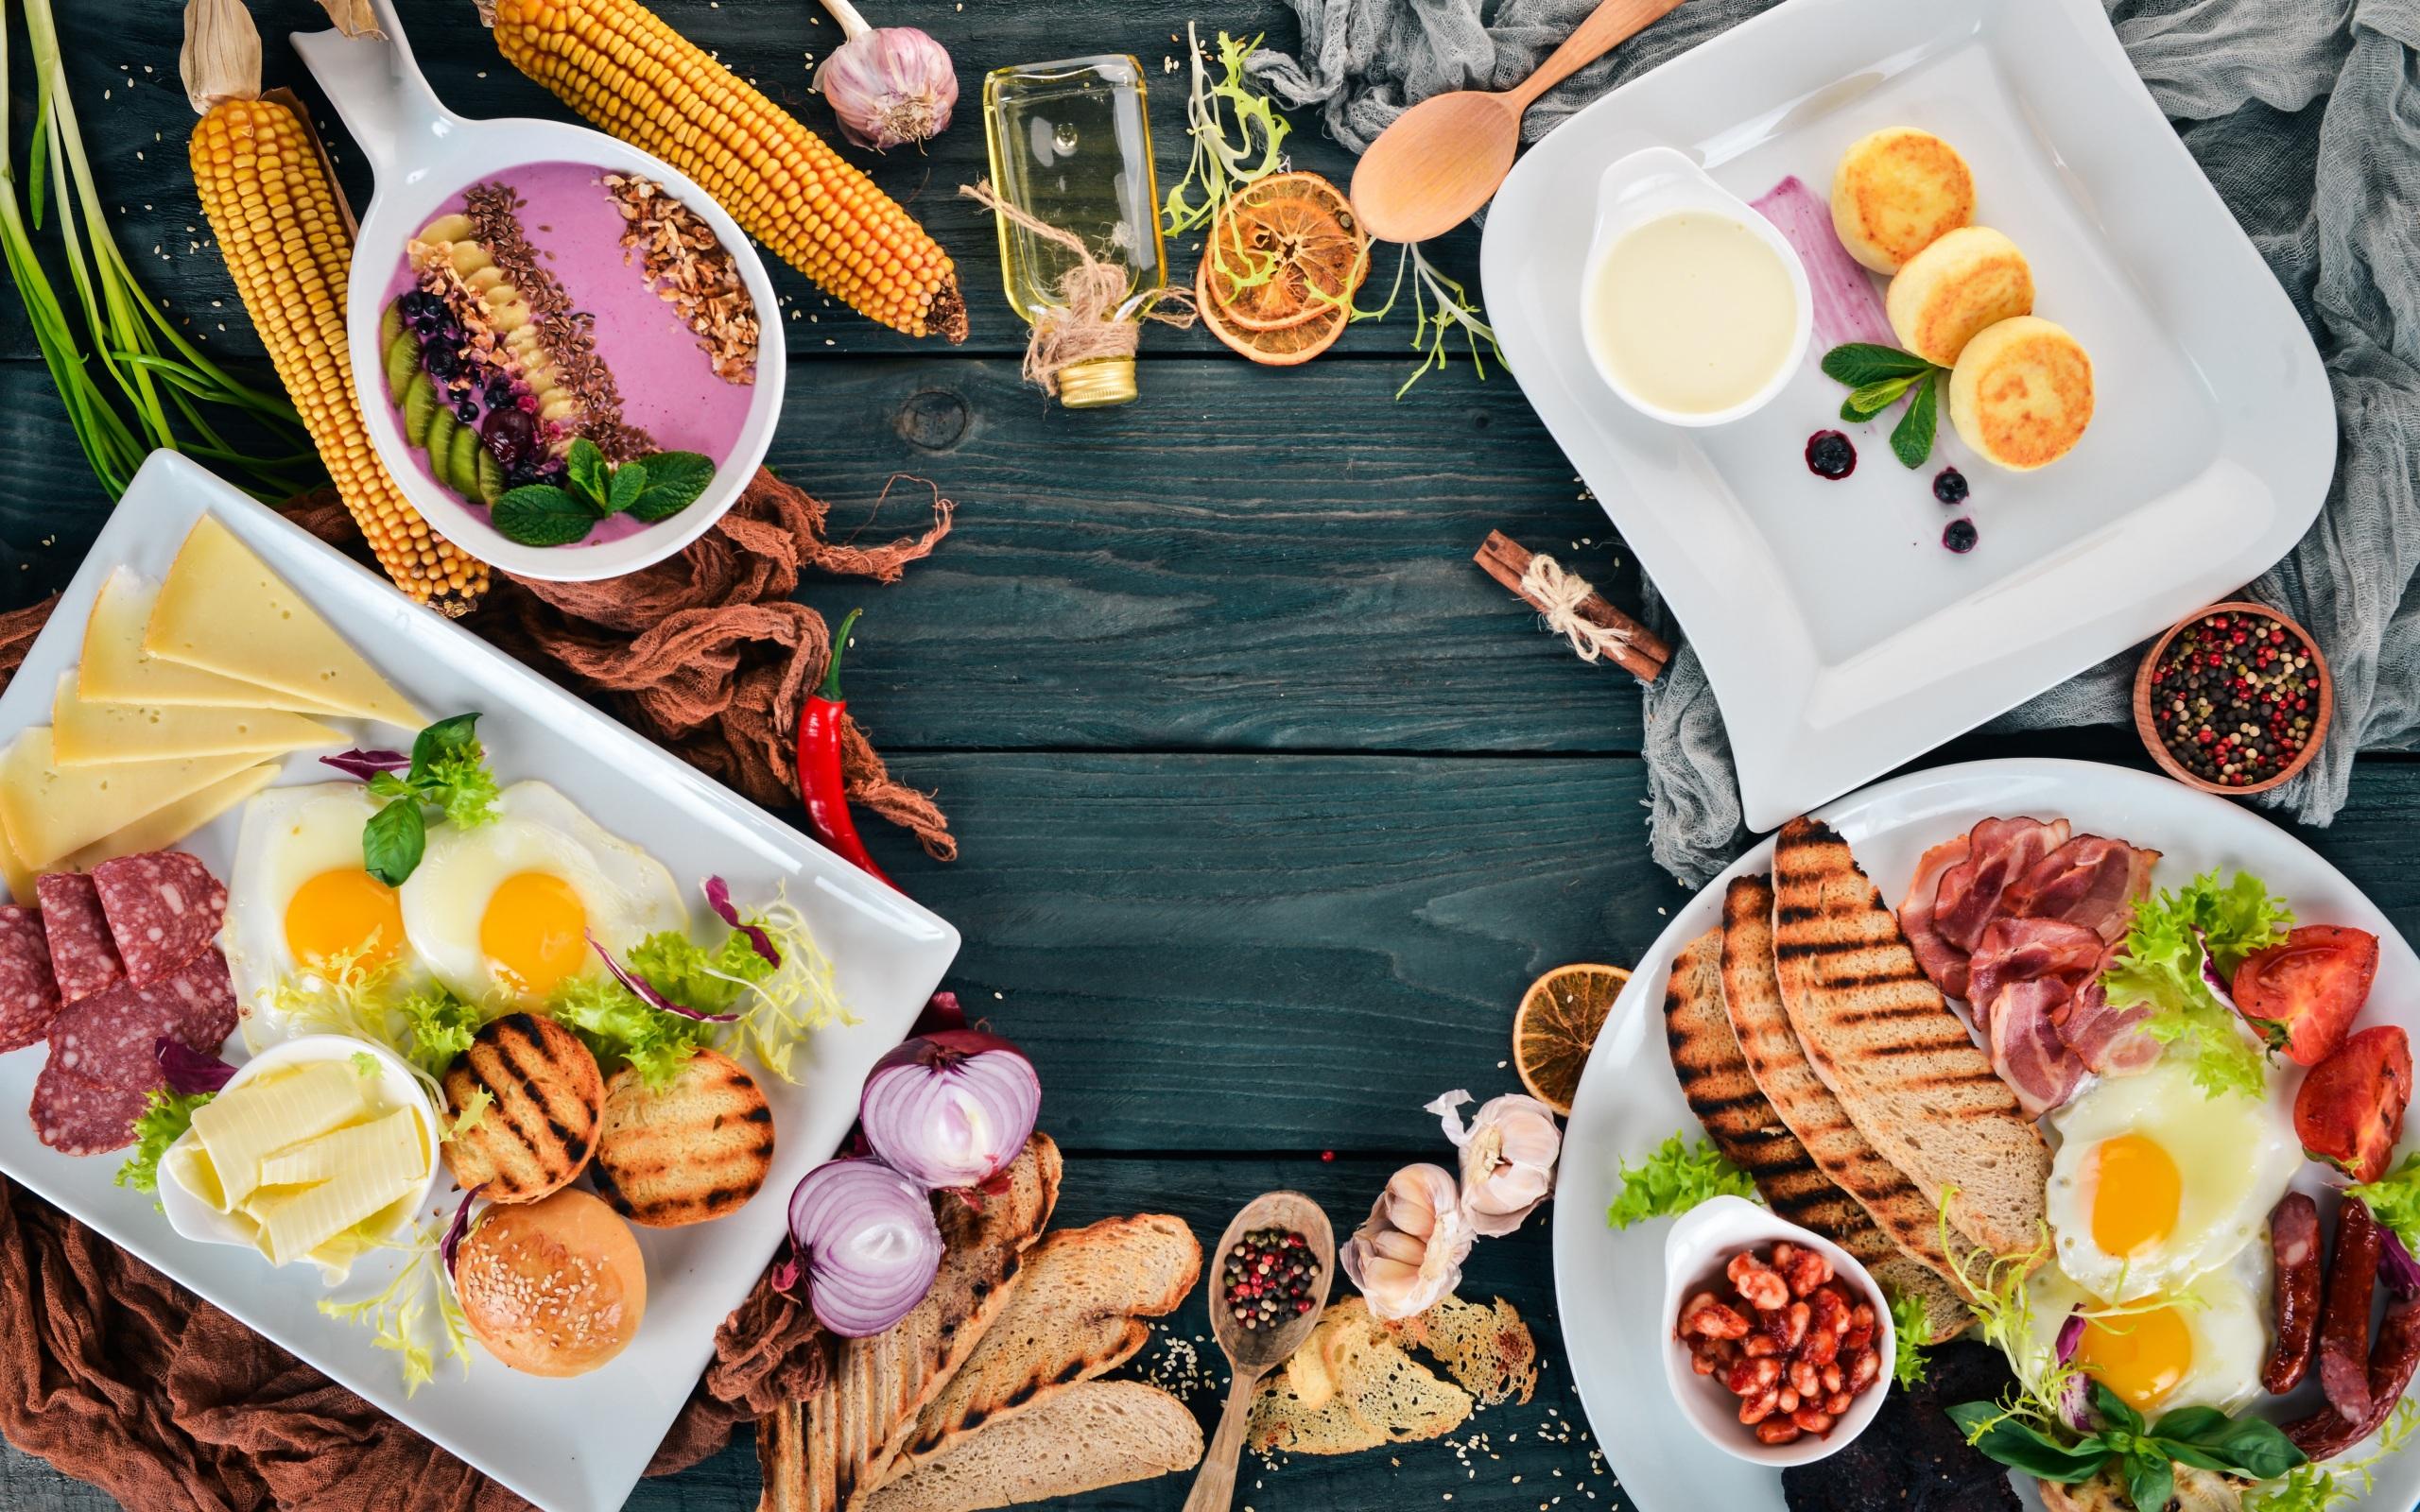 Bilder von Spiegelei Wurst Zwiebel Kukuruz Eierkuchen Frühstück Schwarzer Pfeffer Brot Käse Knoblauch Gemüse Geschnitten Lebensmittel Fleischwaren Bretter 2560x1600